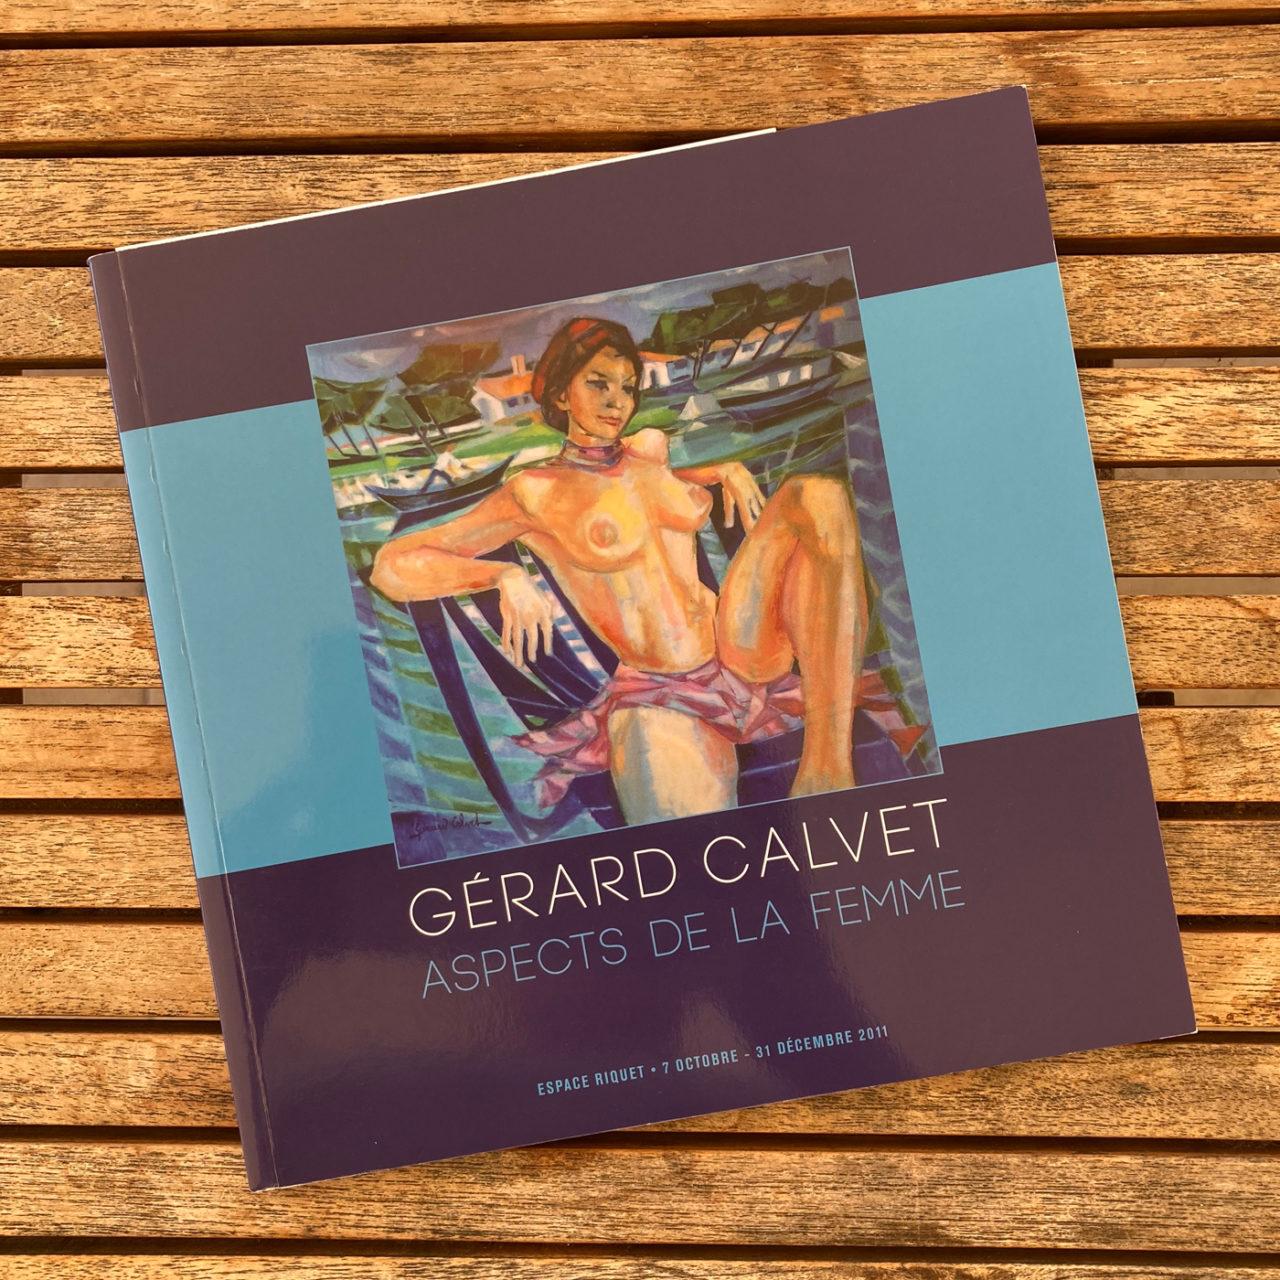 Création identité visuelle du catalogue de l'exposition Gérard Calvet